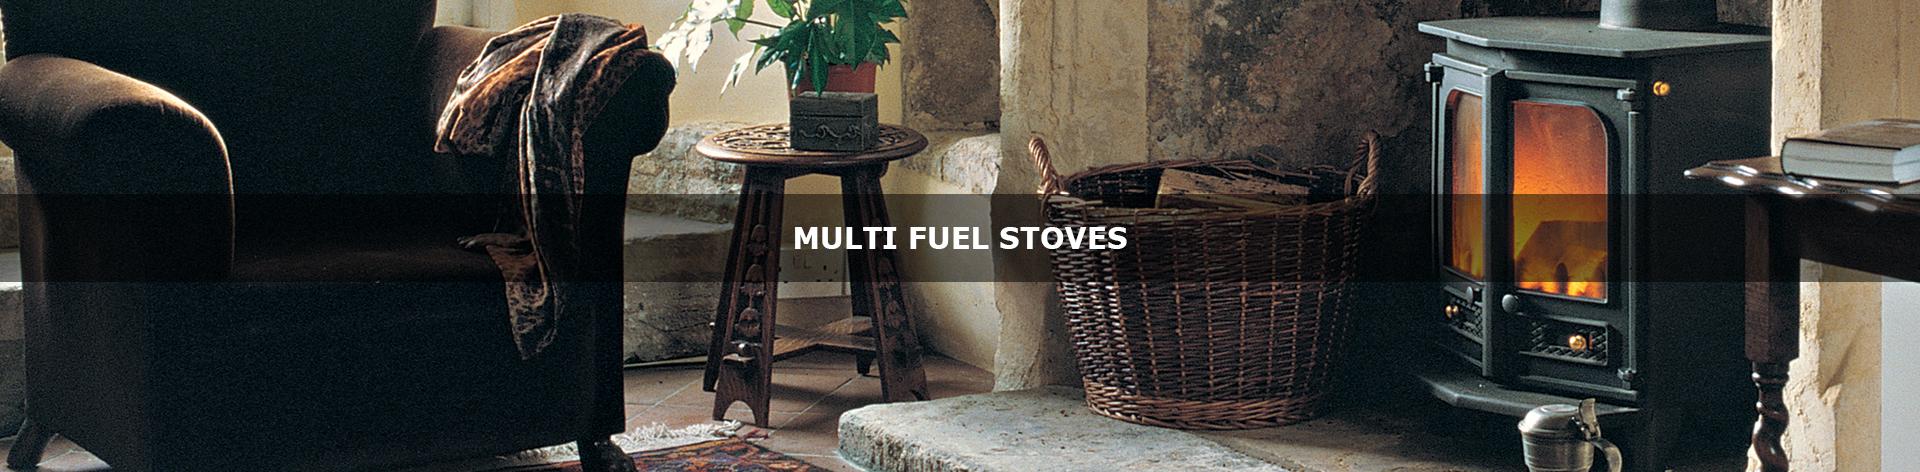 Multi Fuel Stoves Glasgow - Stove World Glasgow Scotland